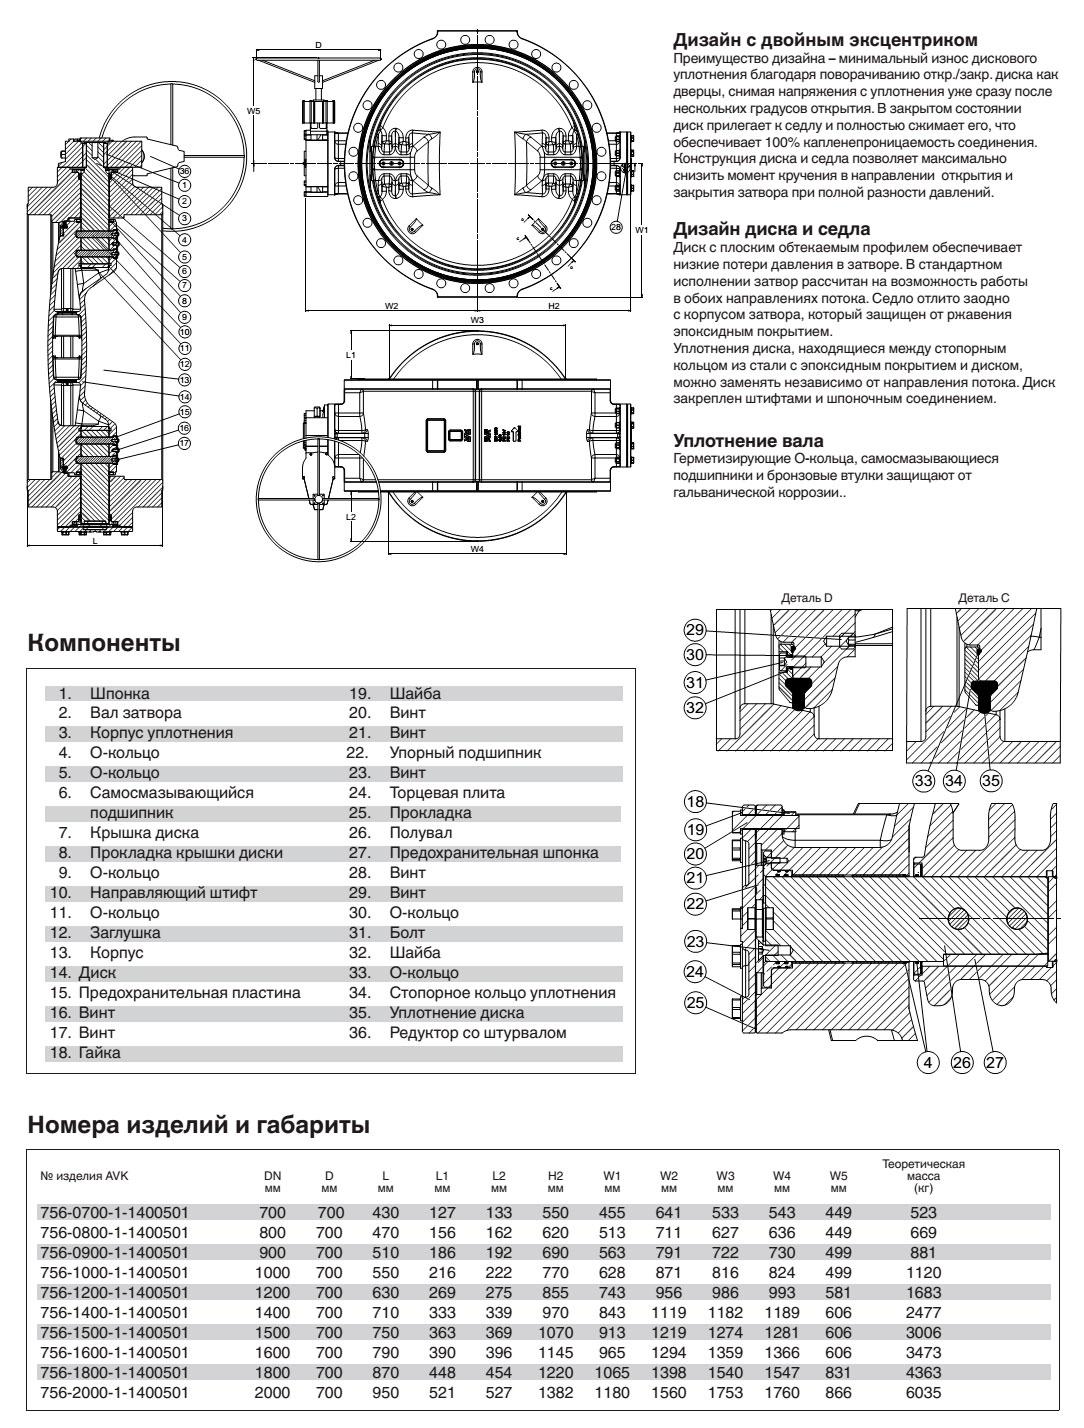 AVK затвор дисковый поворотный, PN 16, с встроенным седлом и редуктором IP68 с индикатором положения